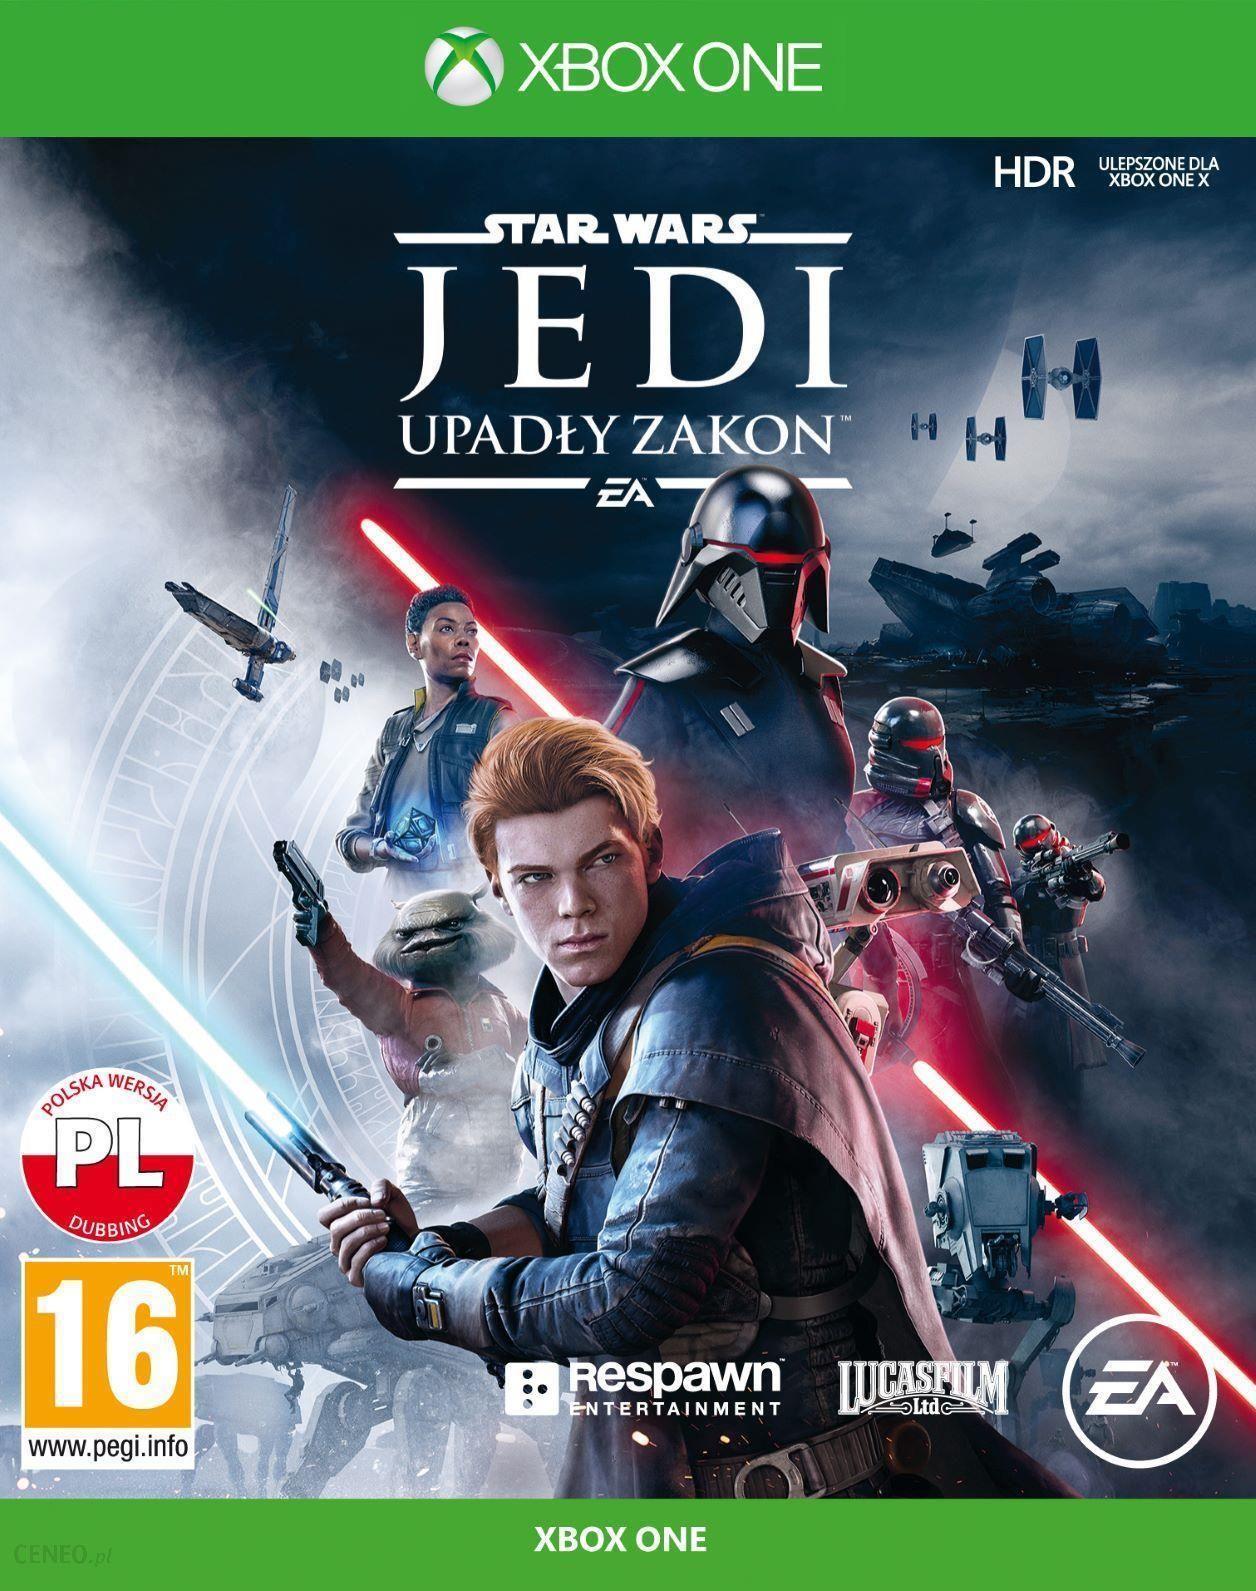 Star Wars Jedi Upadly Zakon Gra Xbox One Od 104 90 Zl Ceny I Opinie Ceneo Pl